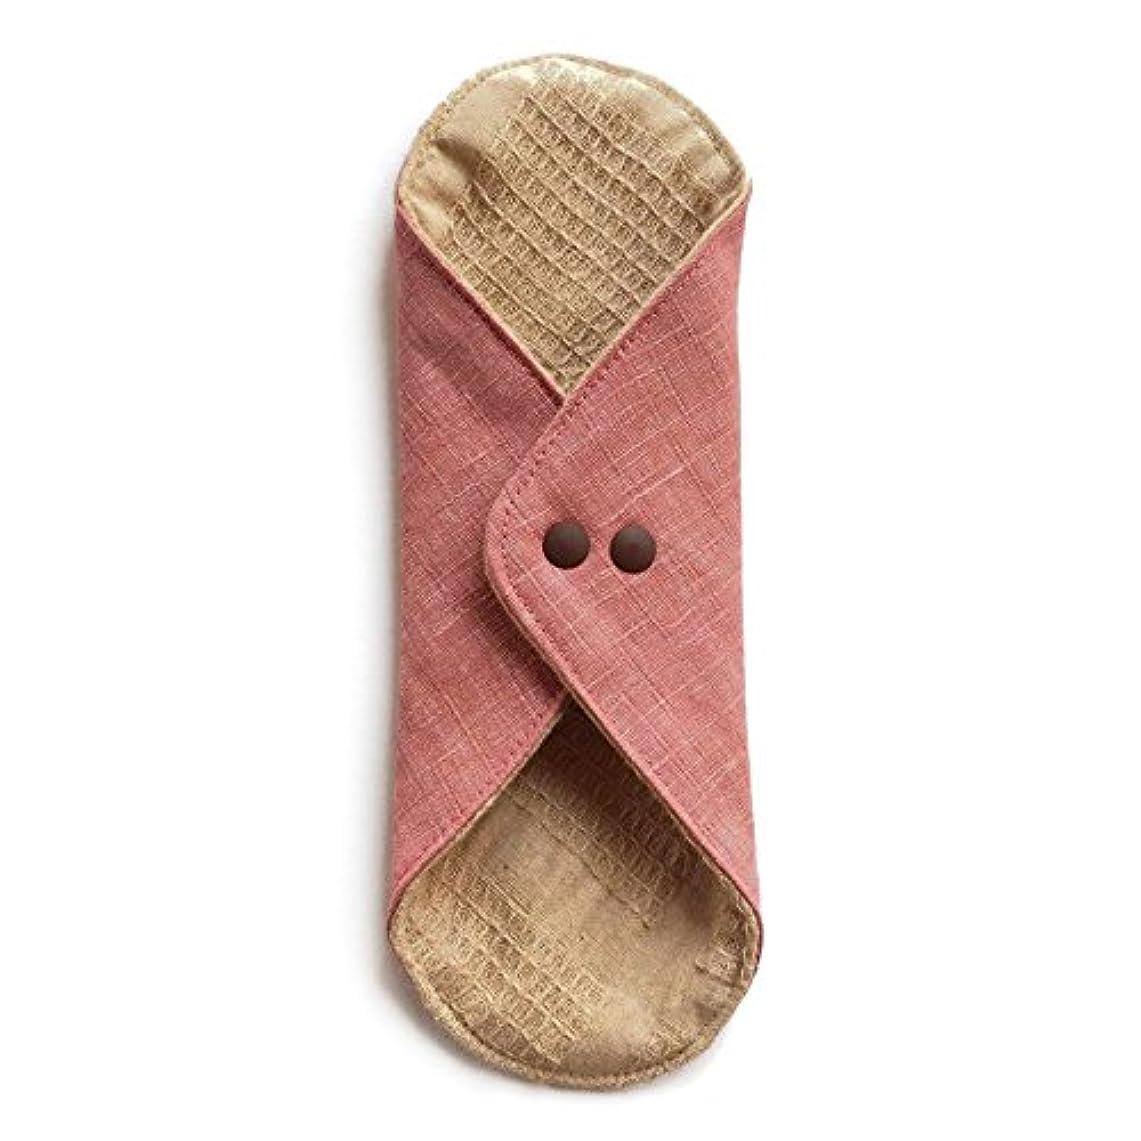 ソーダ水広まったうねる華布のオーガニックコットンのあたため布 Lサイズ (約18×約20.5×約0.5cm) 彩り(桃)